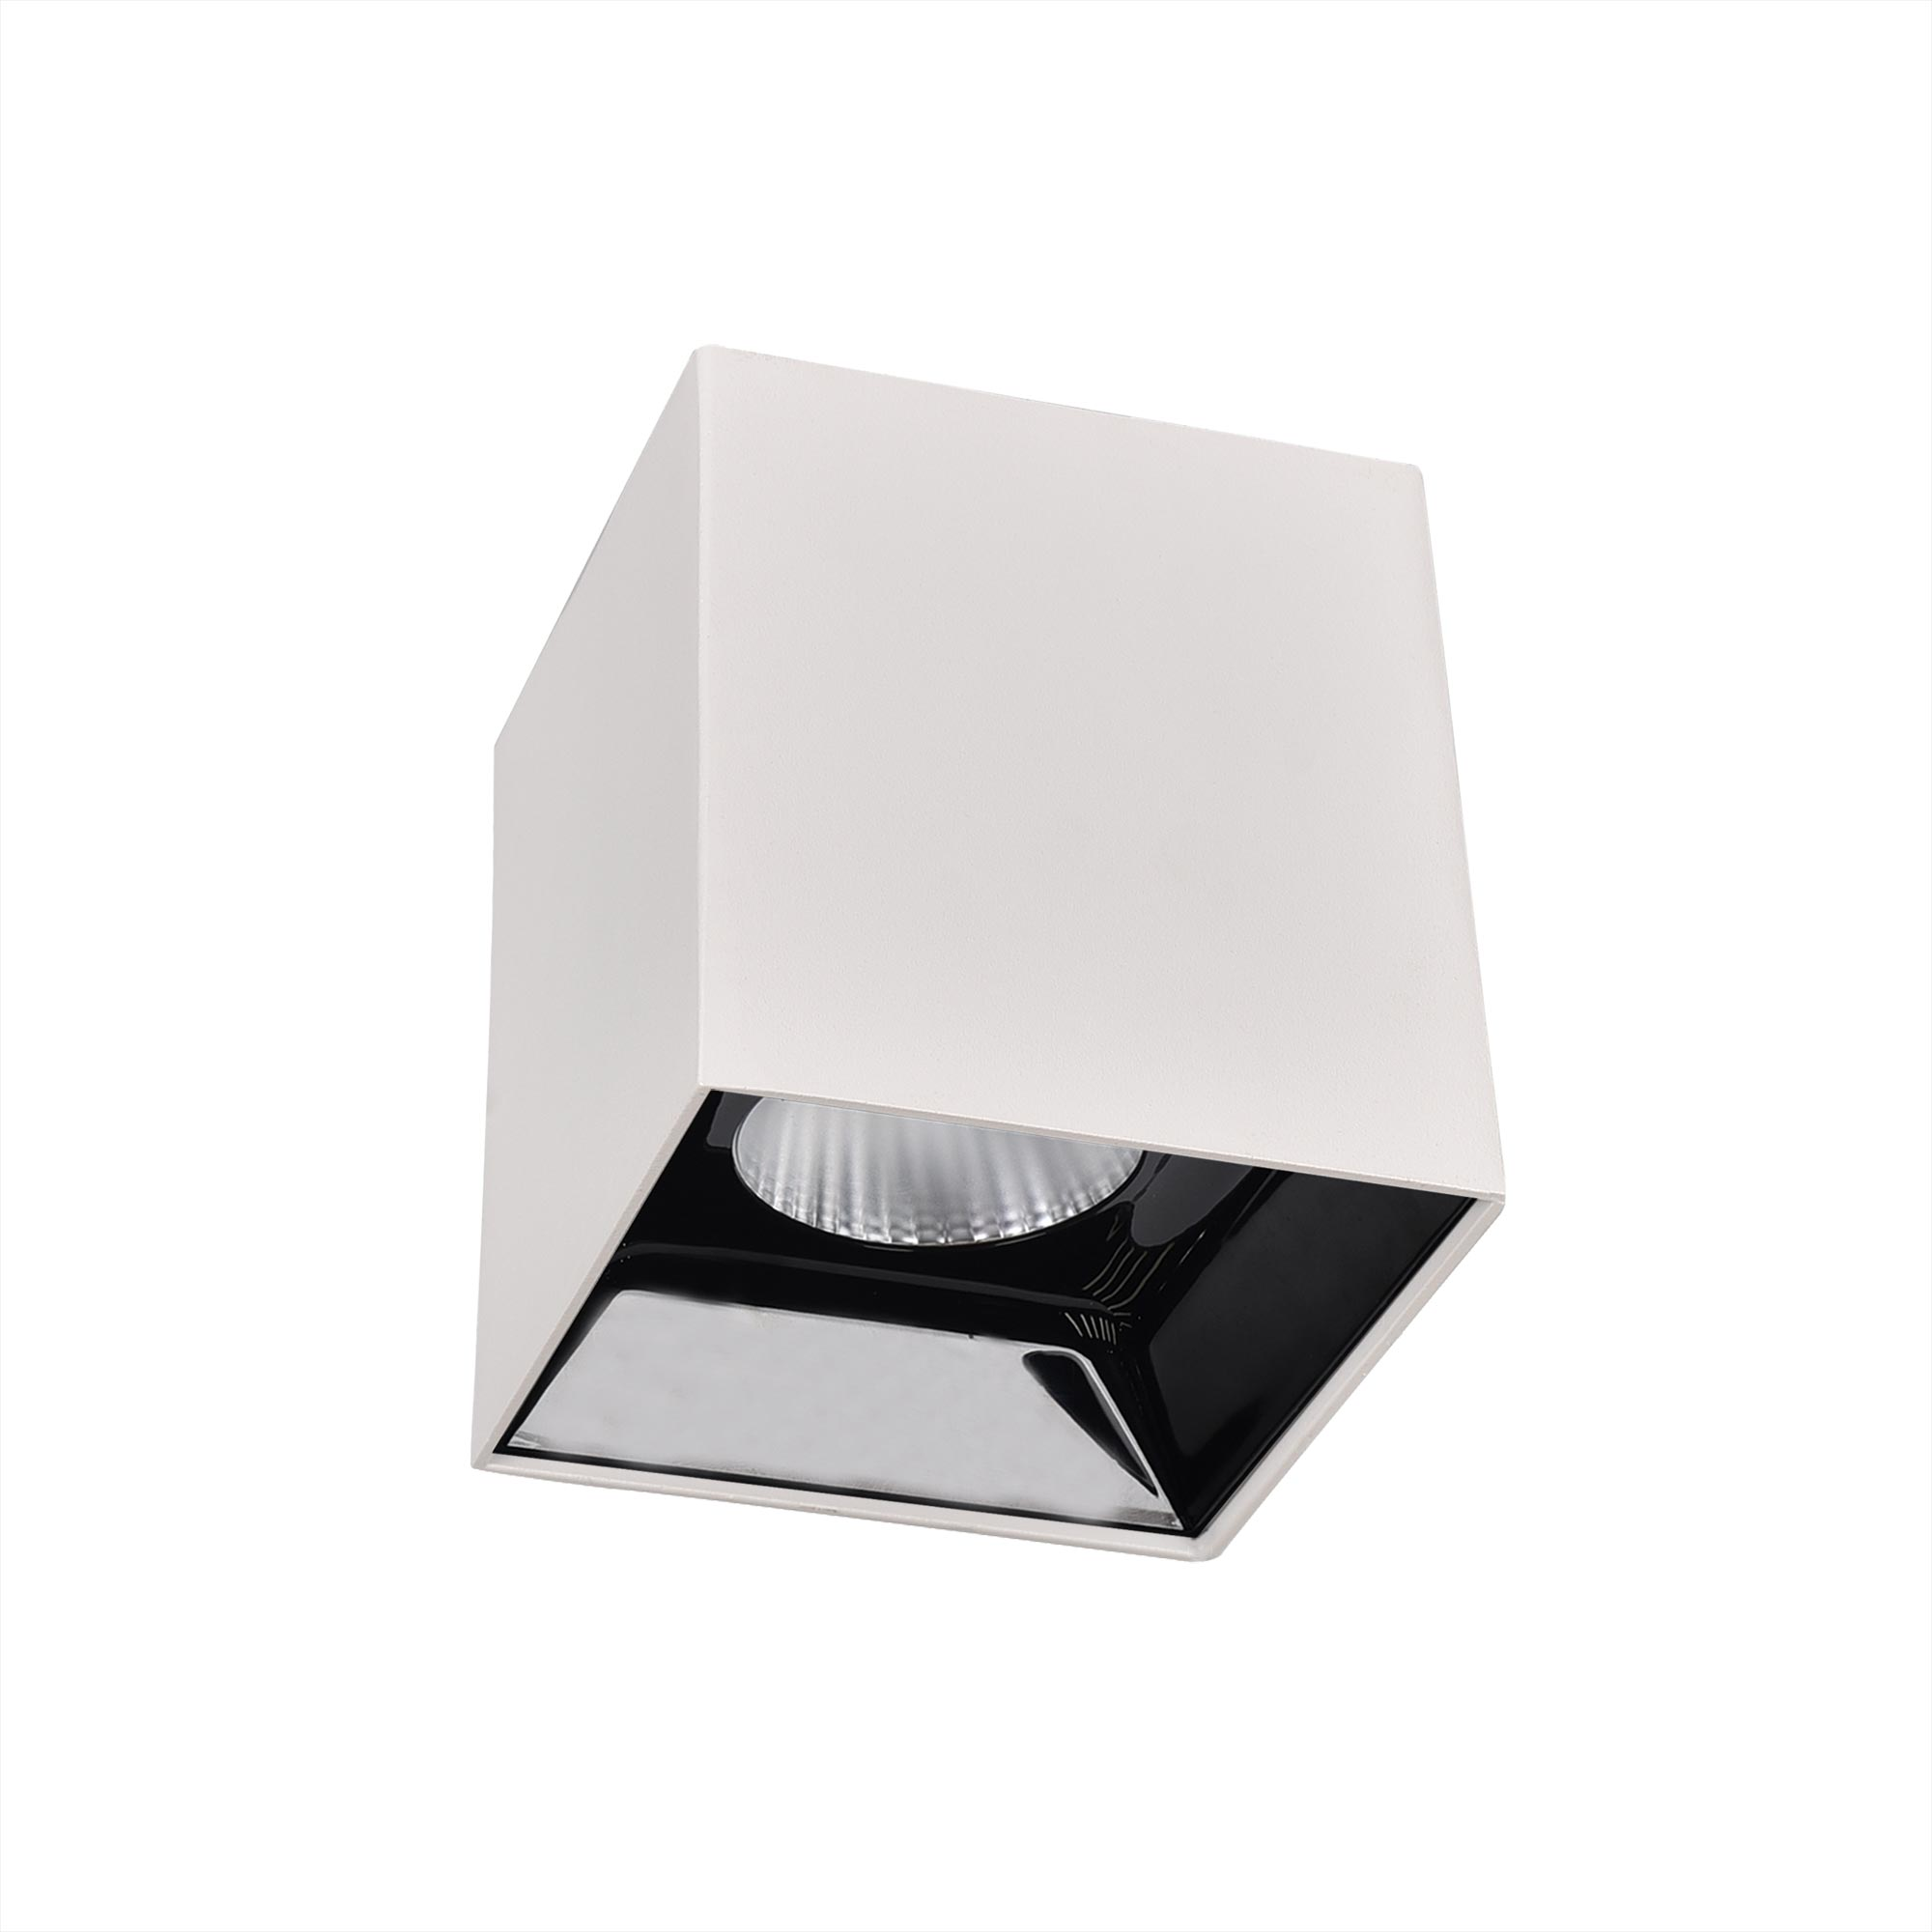 Настенно-потолочный светодиодный светильник Citilux cl7440201 старк 12wх3500k настенно потолочный светодиодный светильник citilux cl7440101 старк 12wх3500k